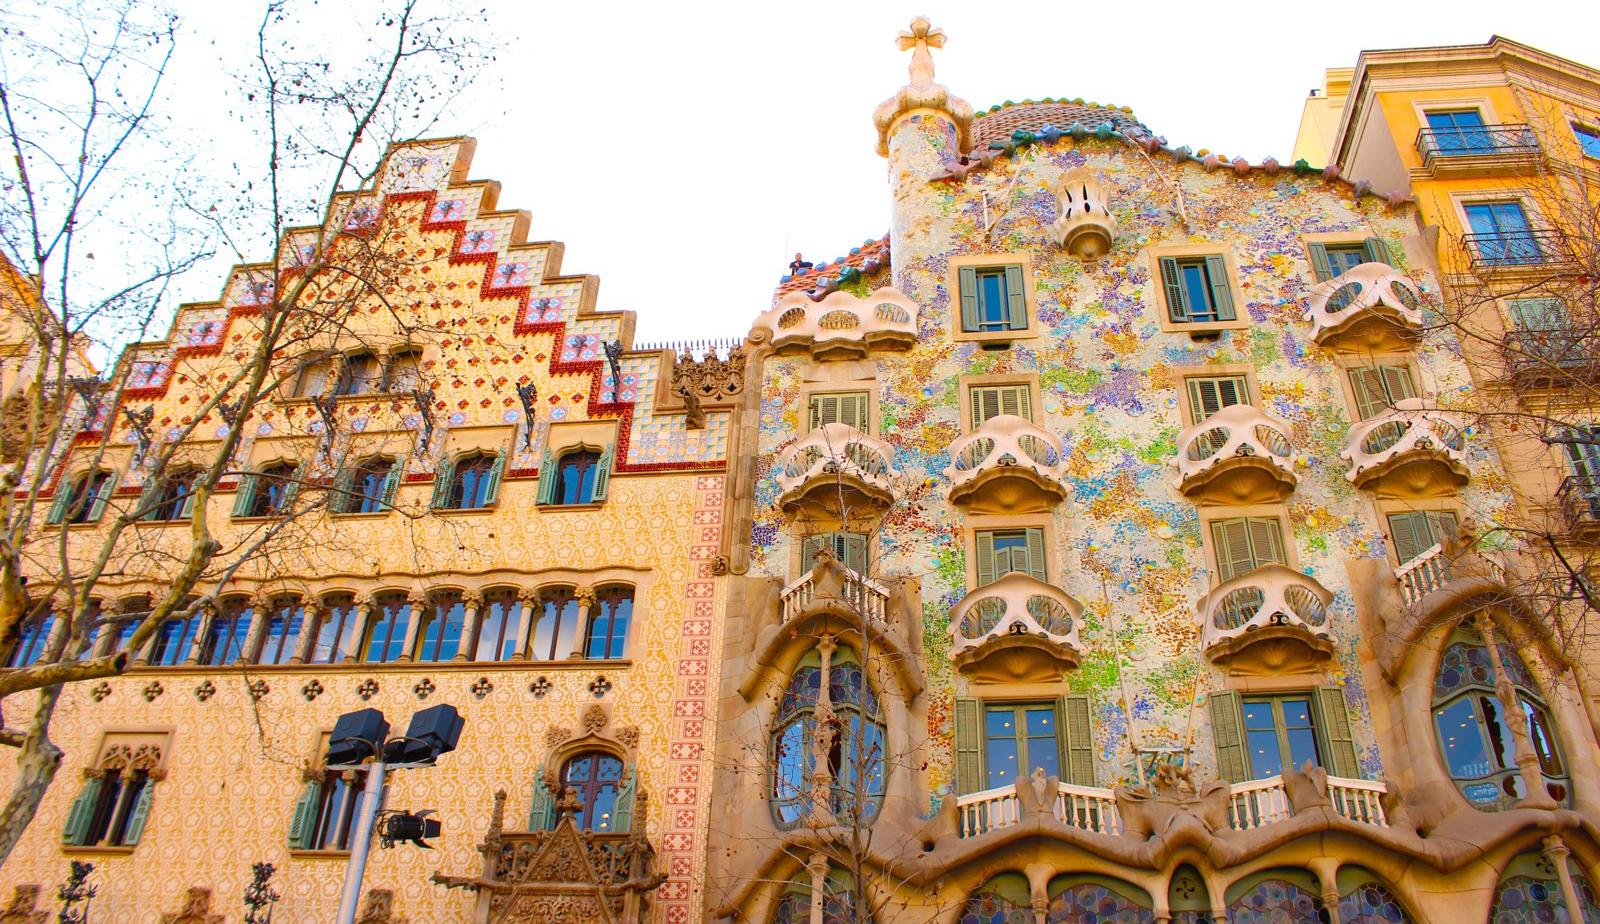 MWC之外的巴塞罗那:艺术与宁静之城